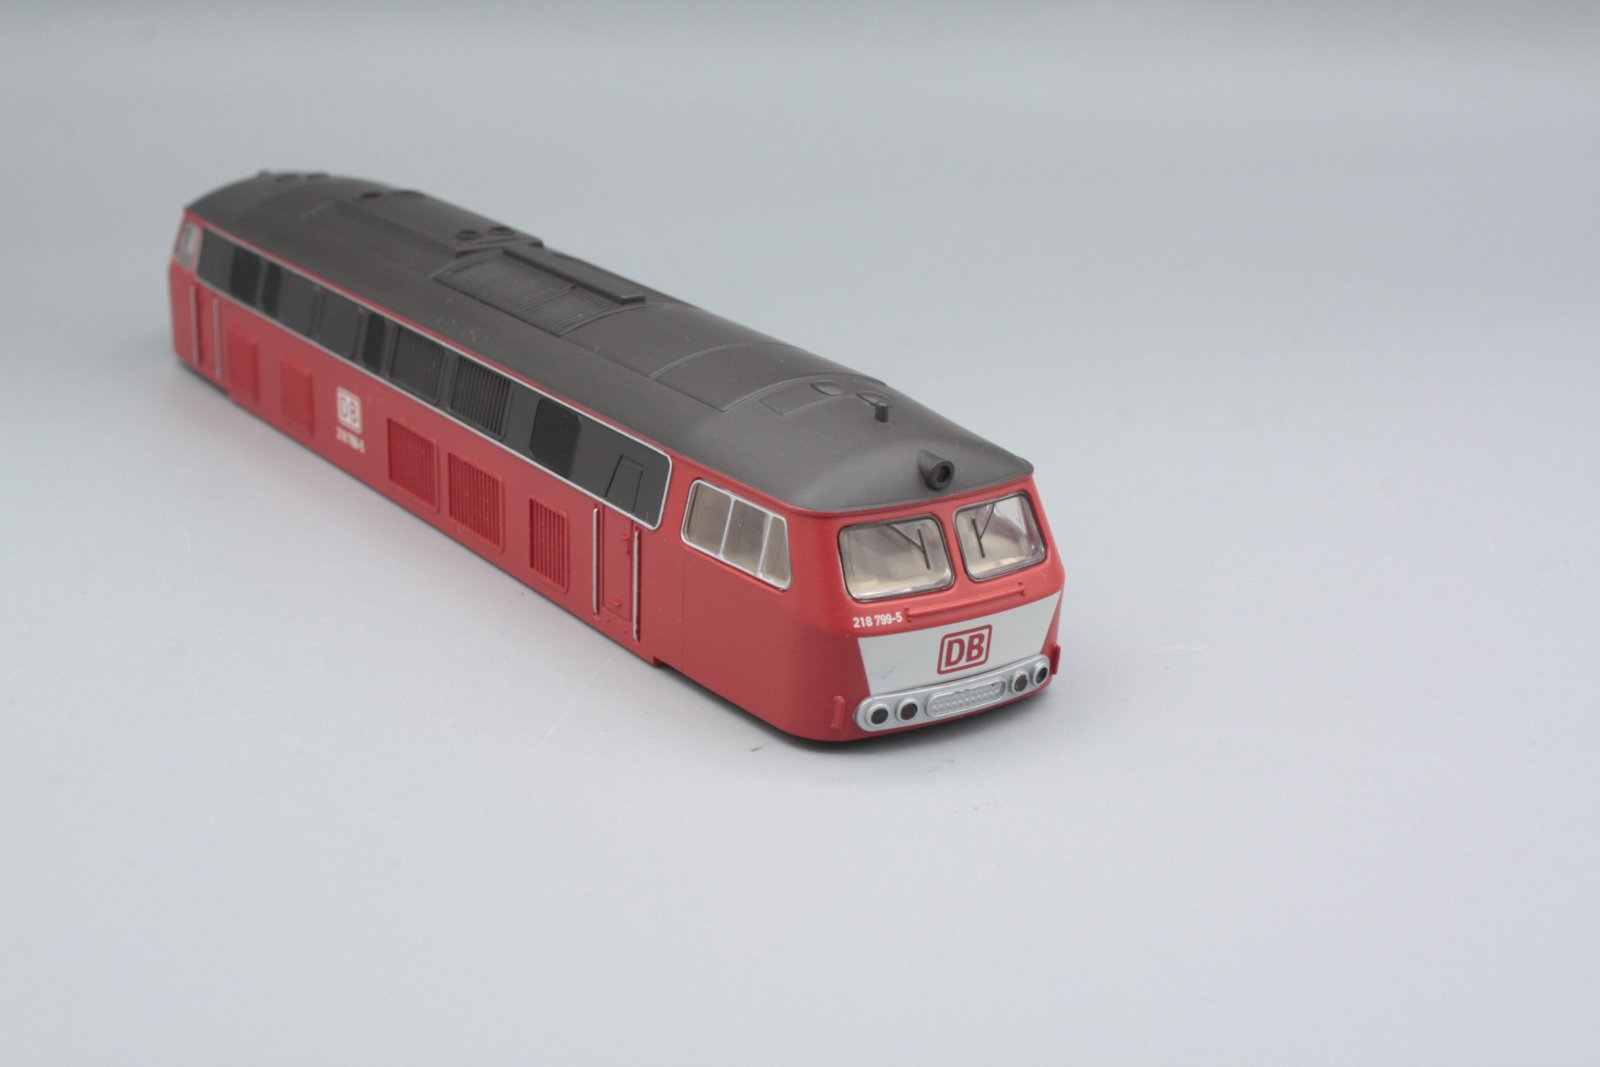 Ersatzteil Piko 218 799-5 Gehäuse orientrot DB mit Latz